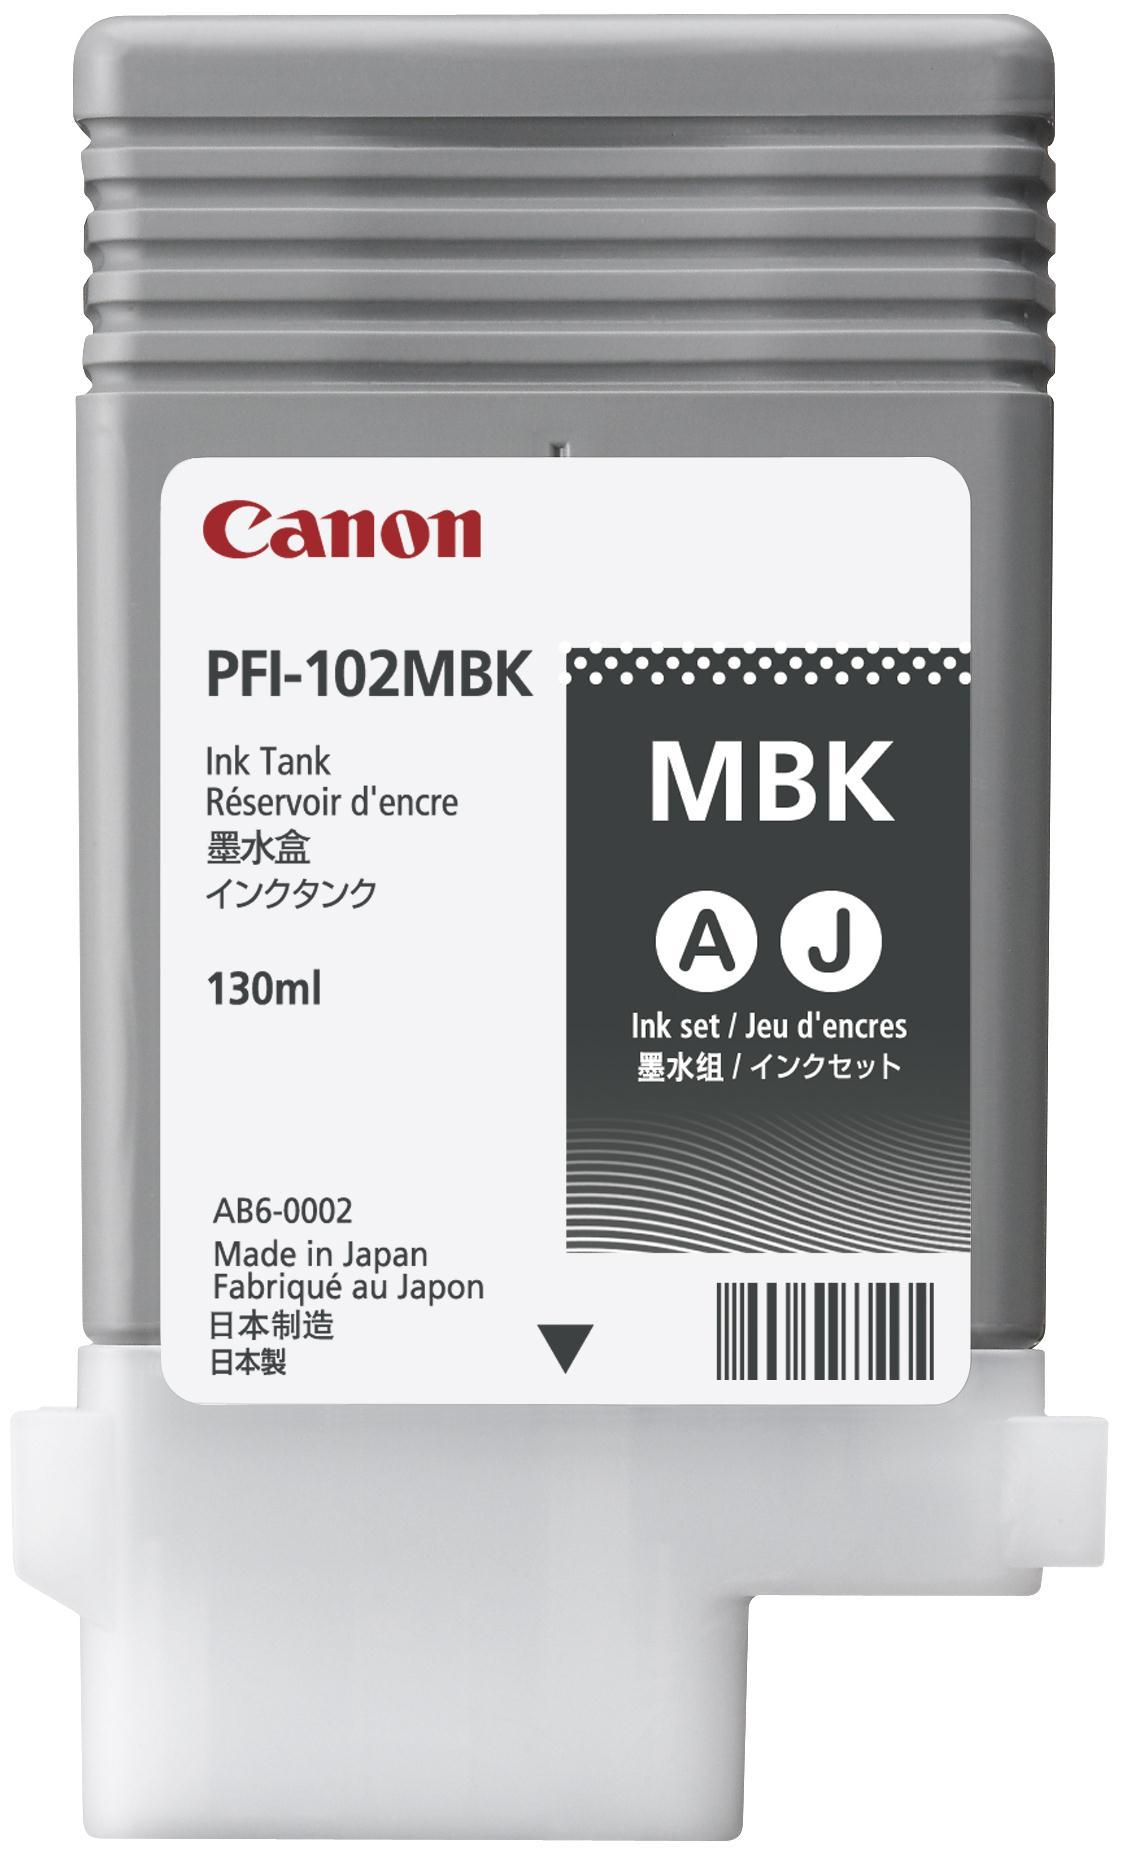 Canon PFI-102MBK Ink Tank Matt Black Ref 0894B001AA